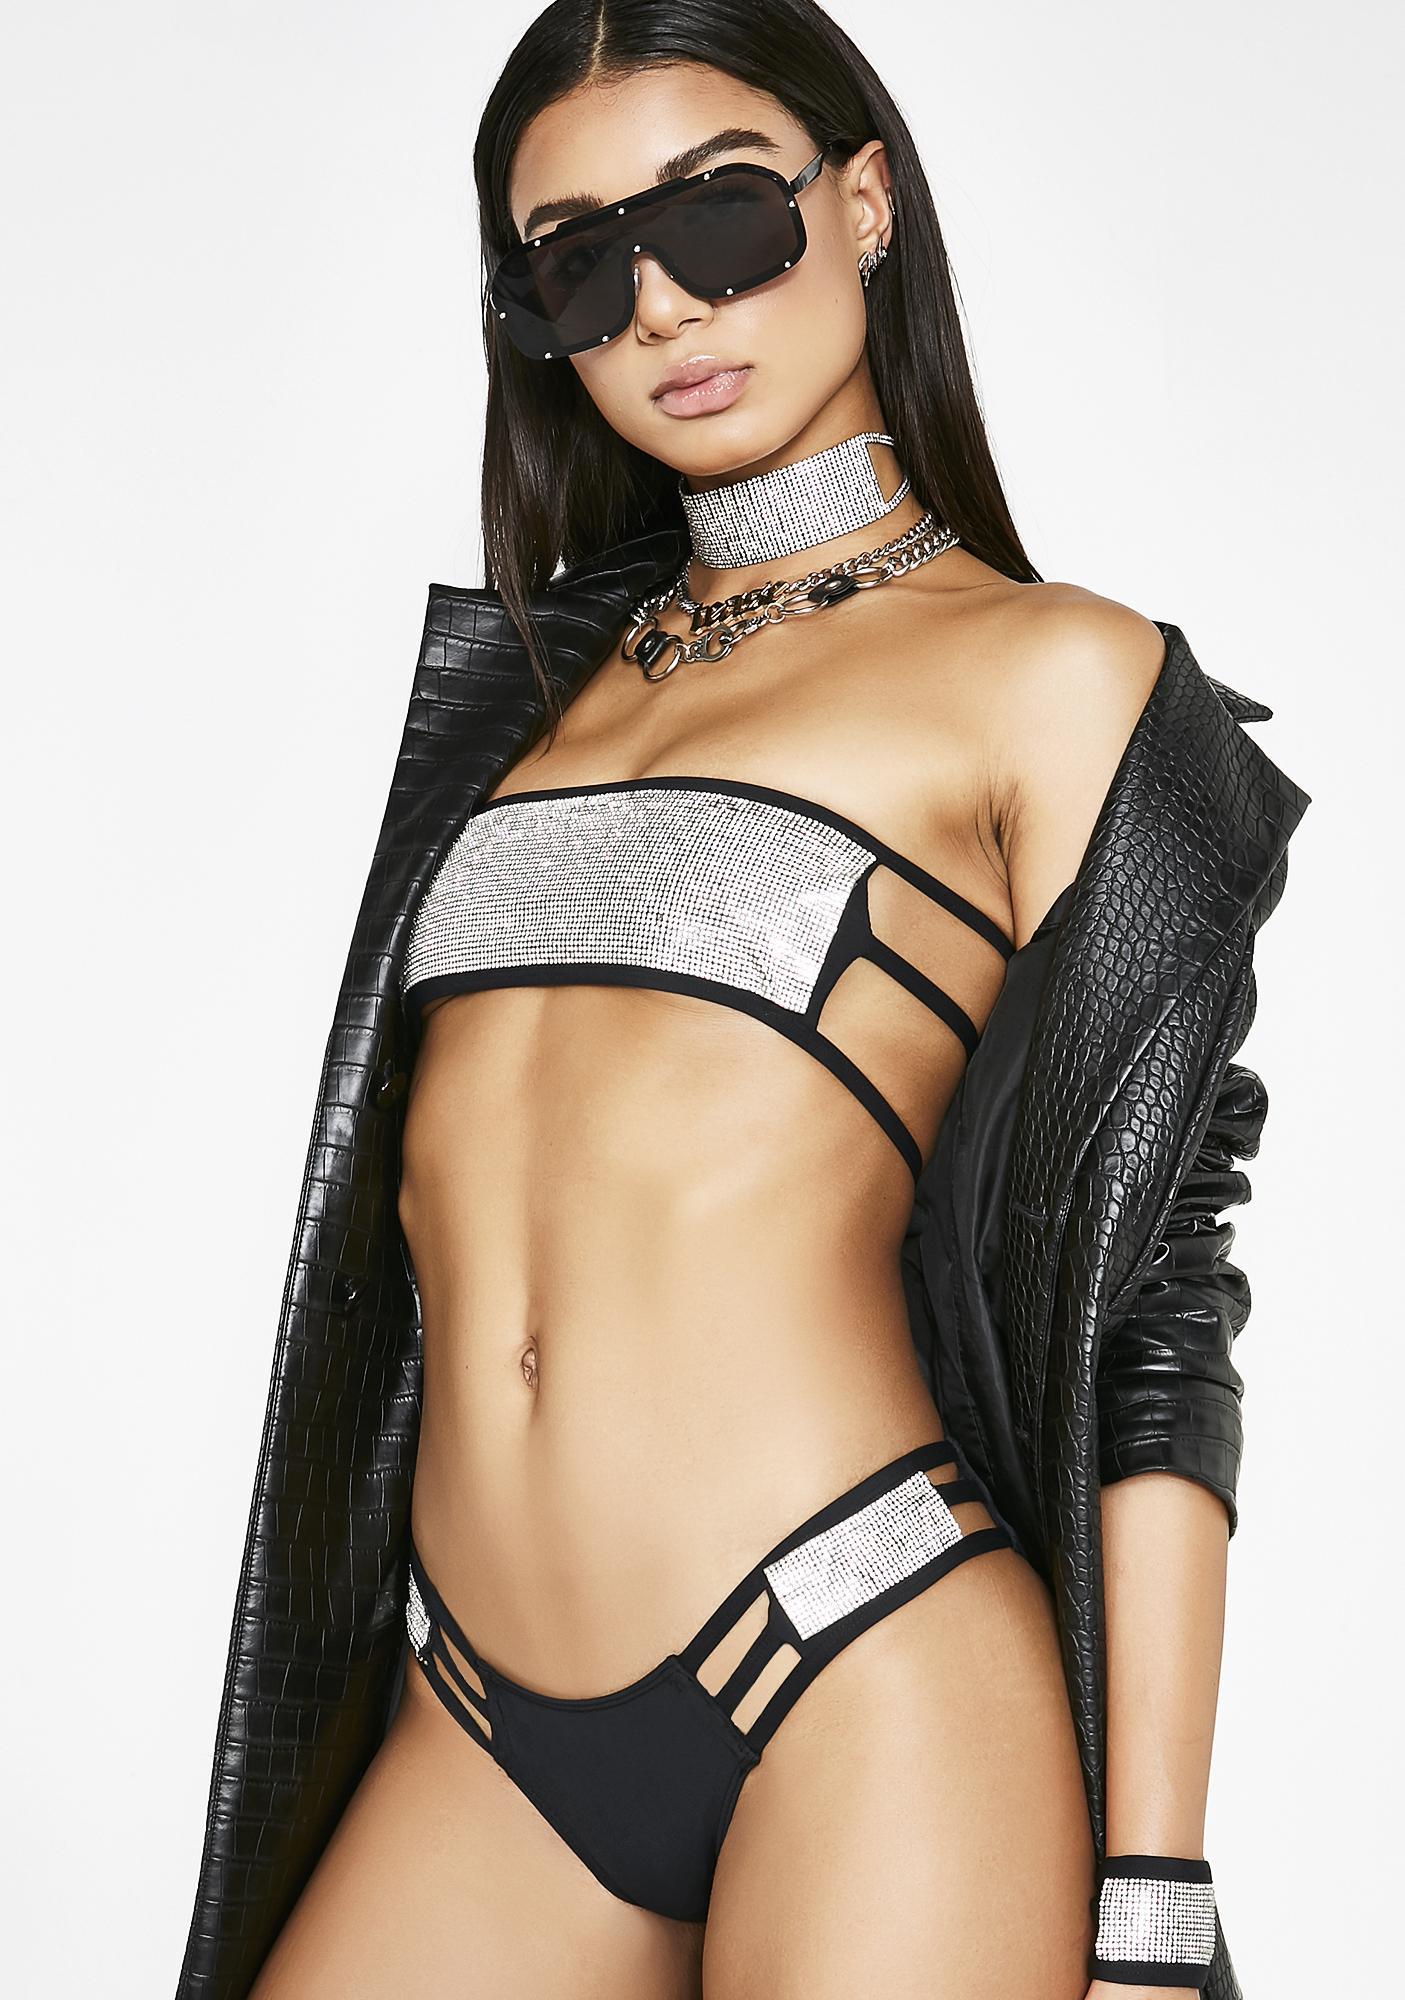 Poster Grl Taste My Luxury Diamond Panties